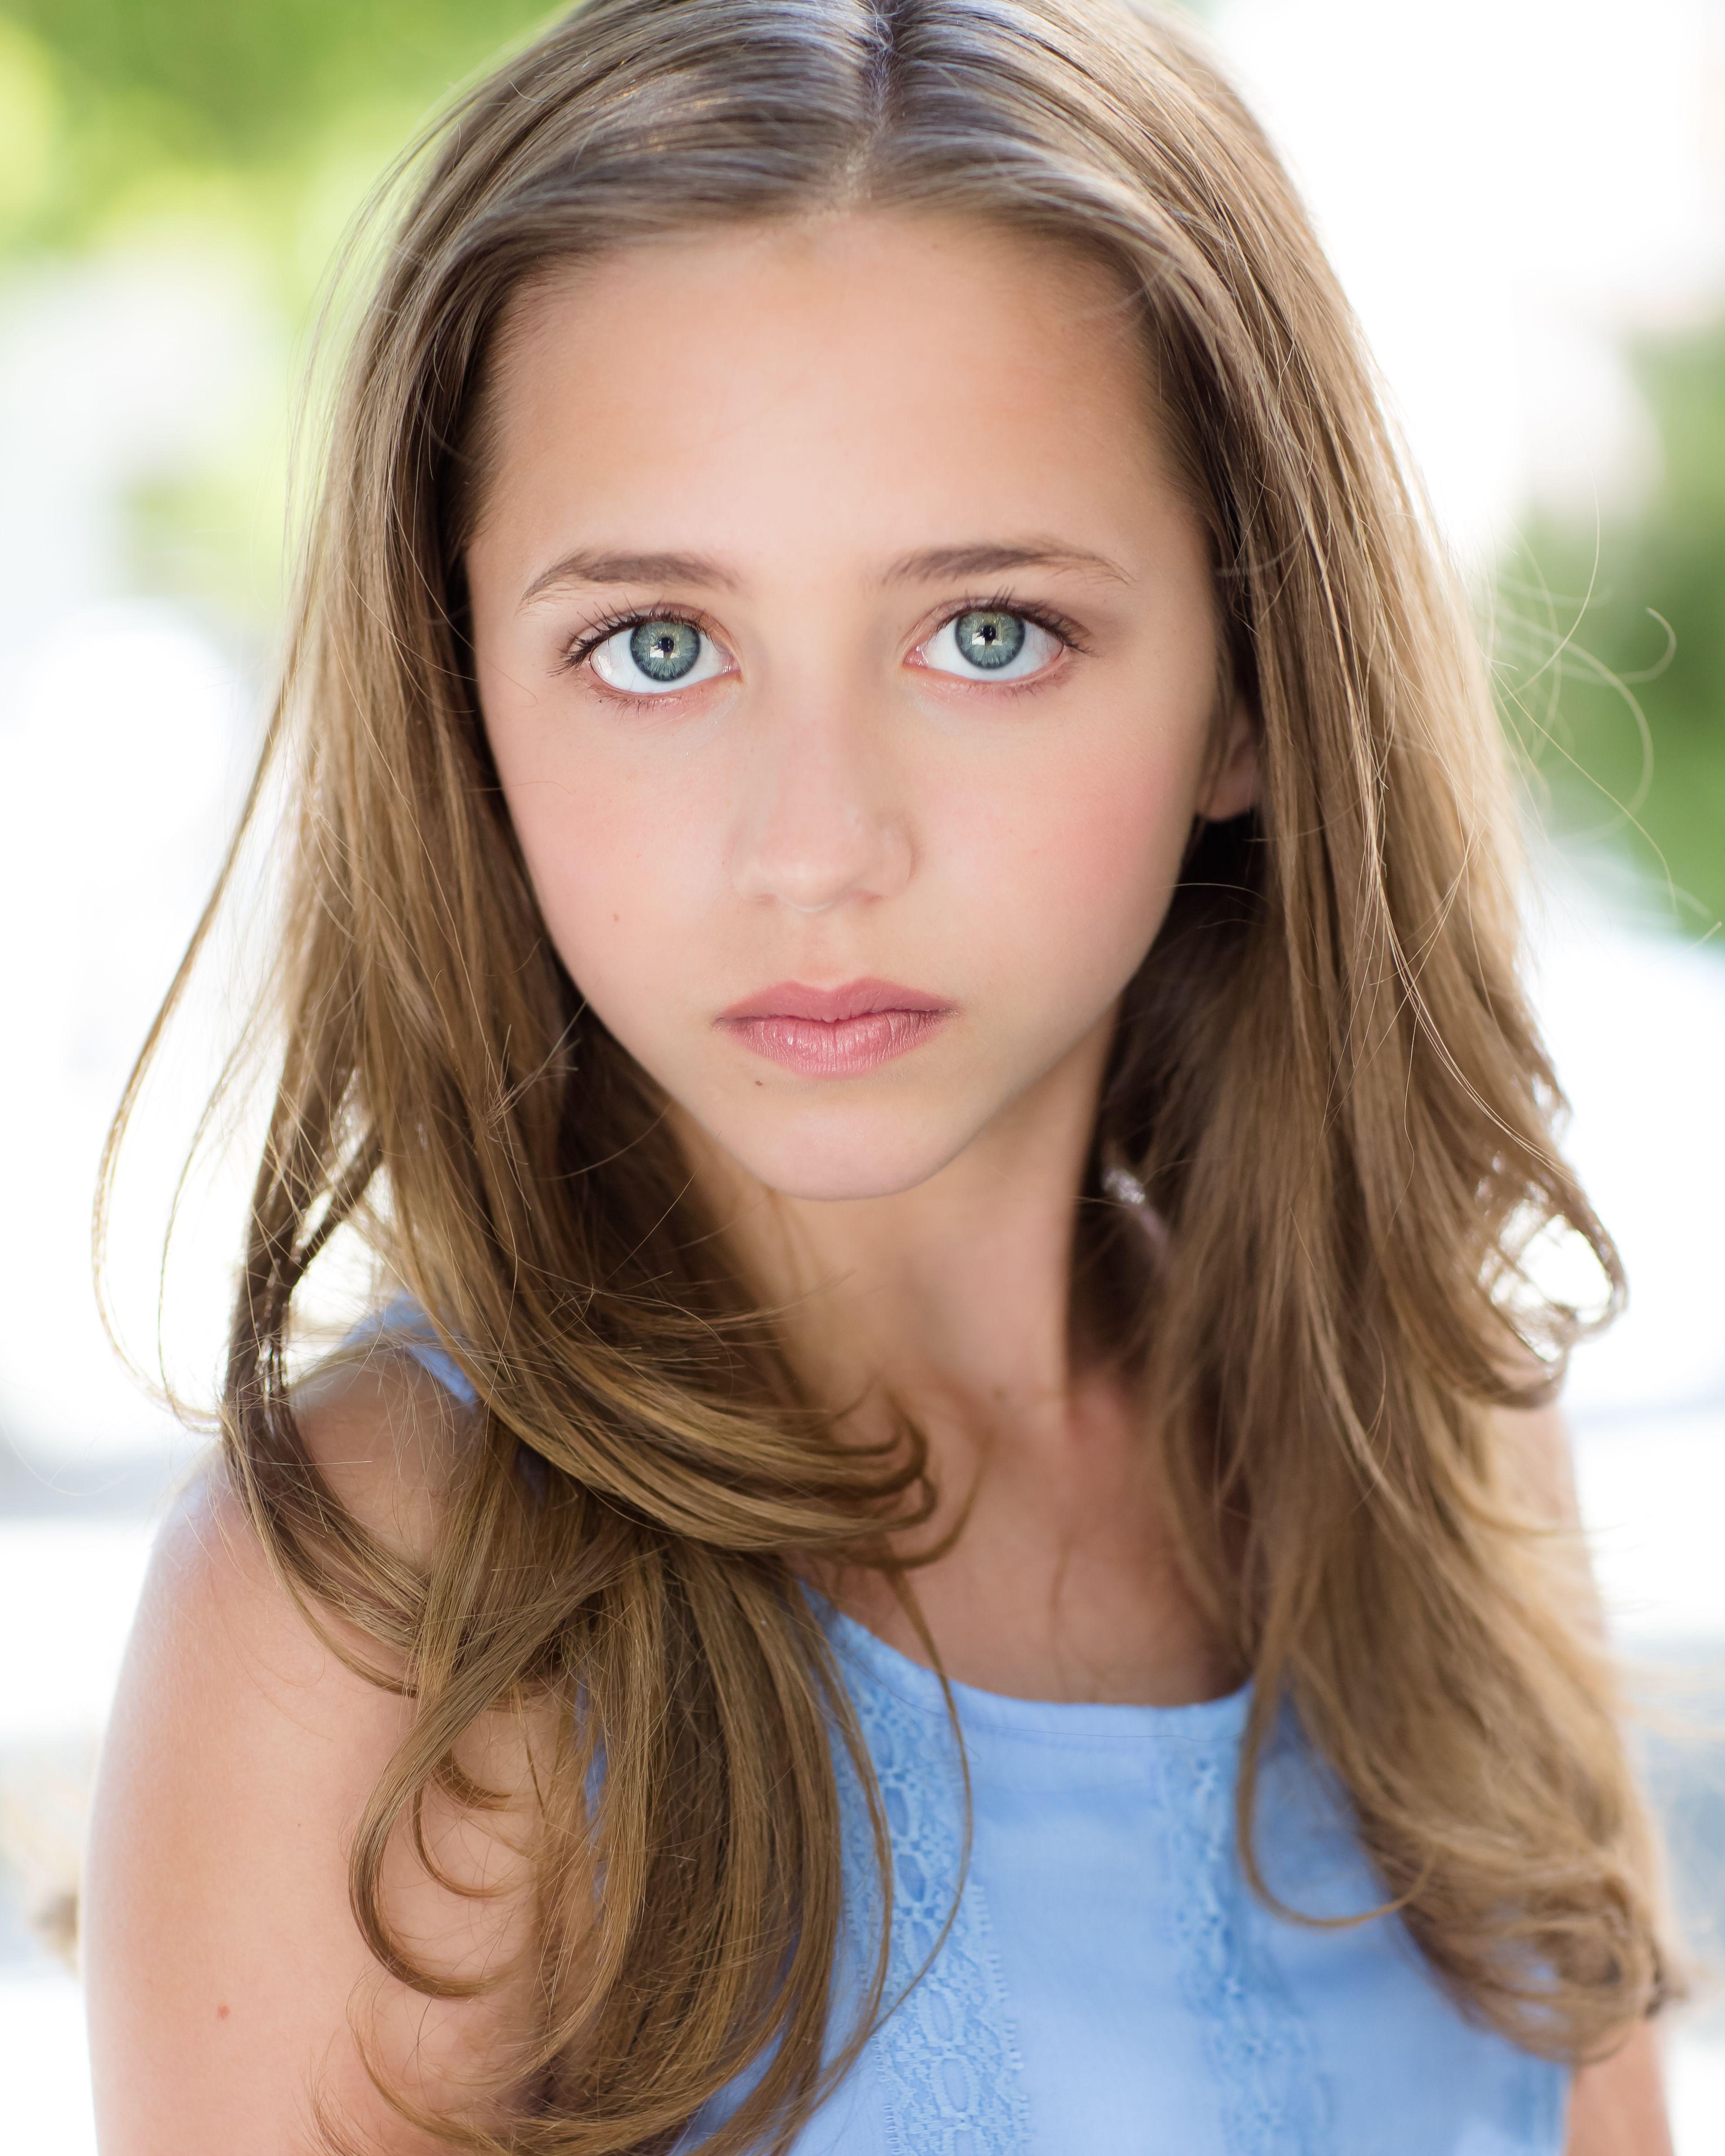 blue-girl-teen-models